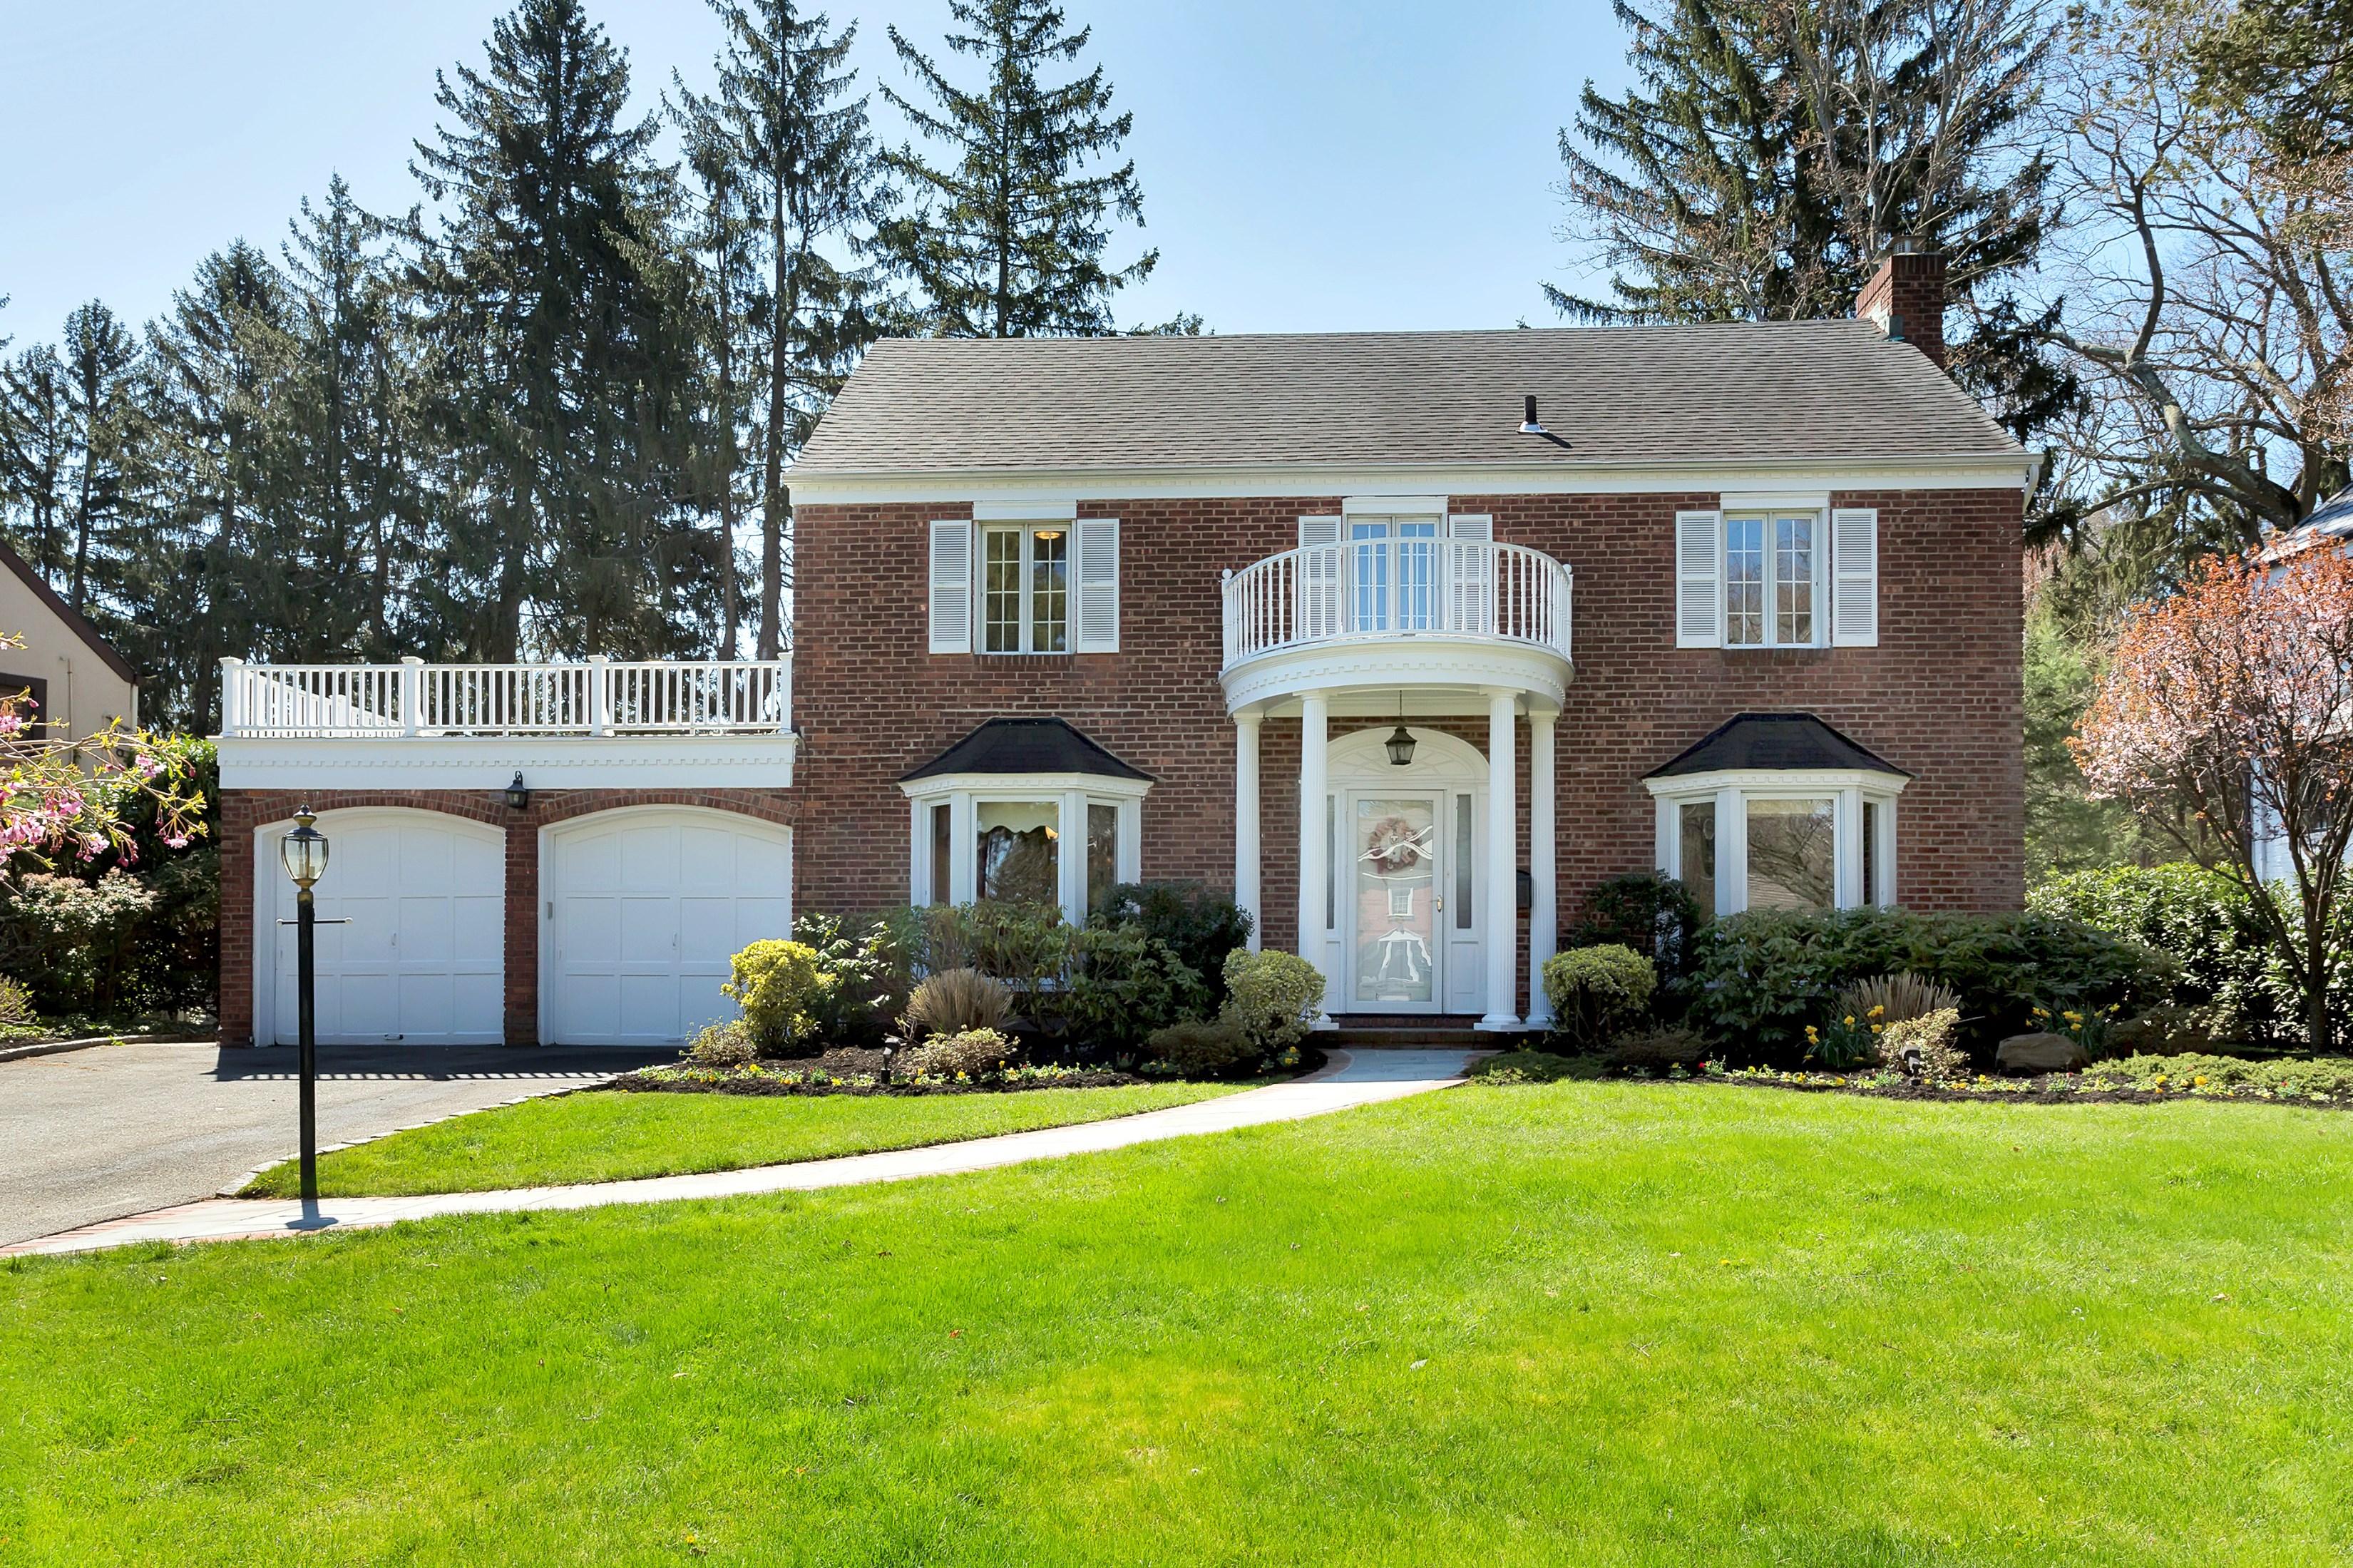 独户住宅 为 销售 在 Colonial 16 Hilltop Dr 曼哈塞特, 纽约州, 11030 美国